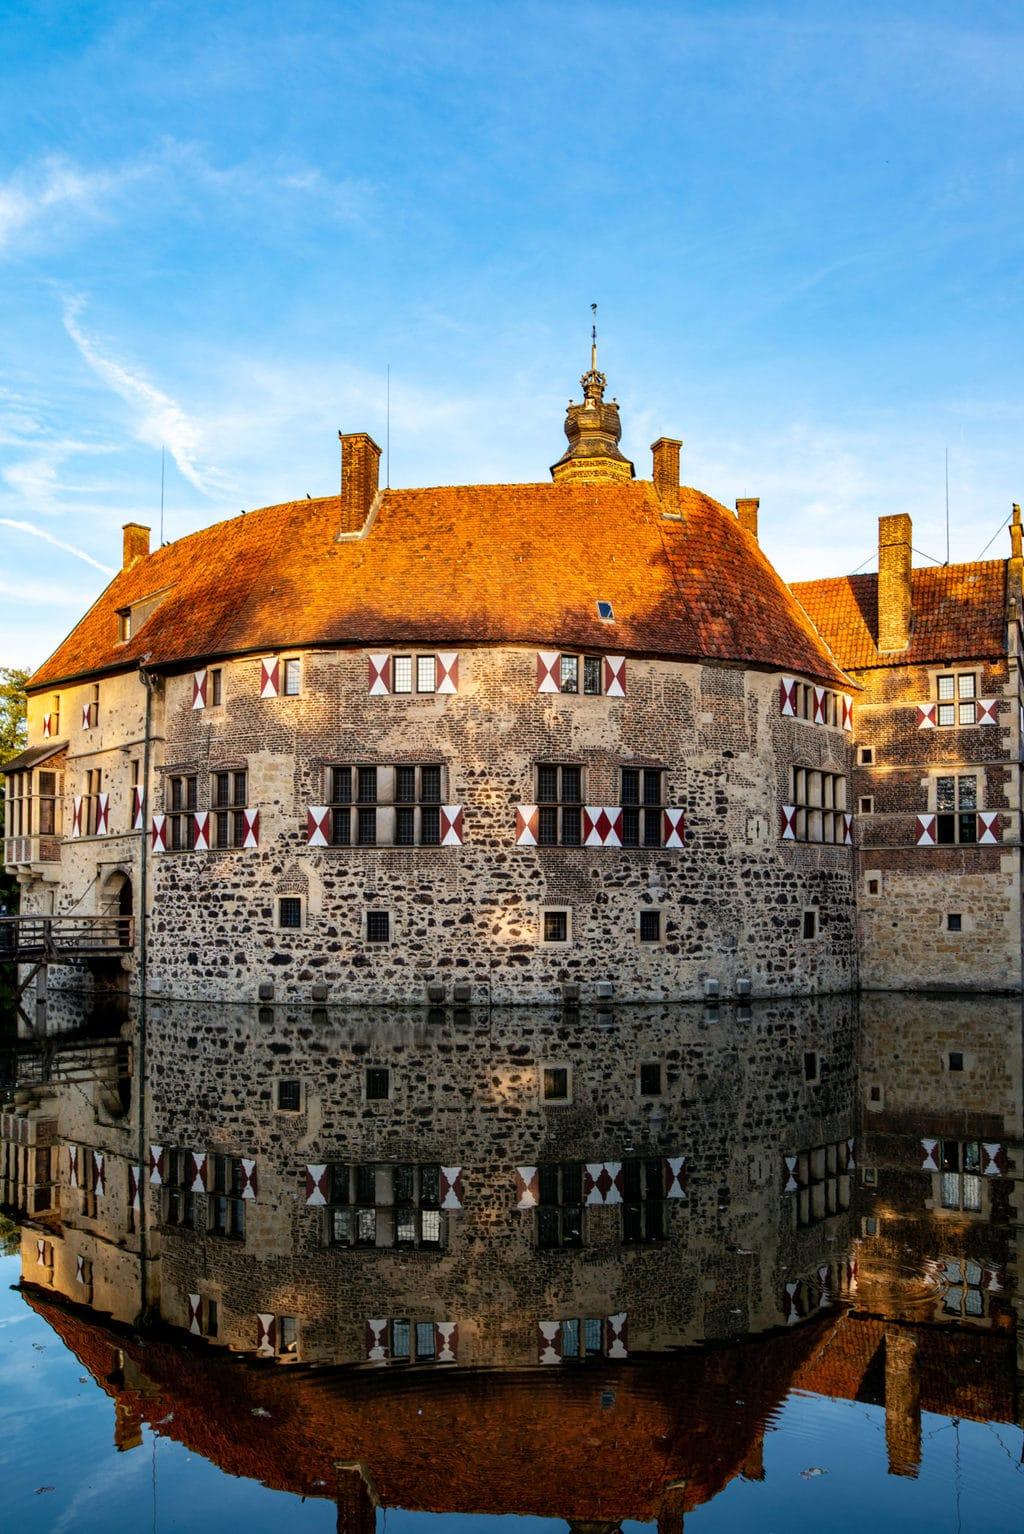 Burg Lüdinghausen bij Vischering is een van de vele waterburchten in Noordrijn-Westfalen